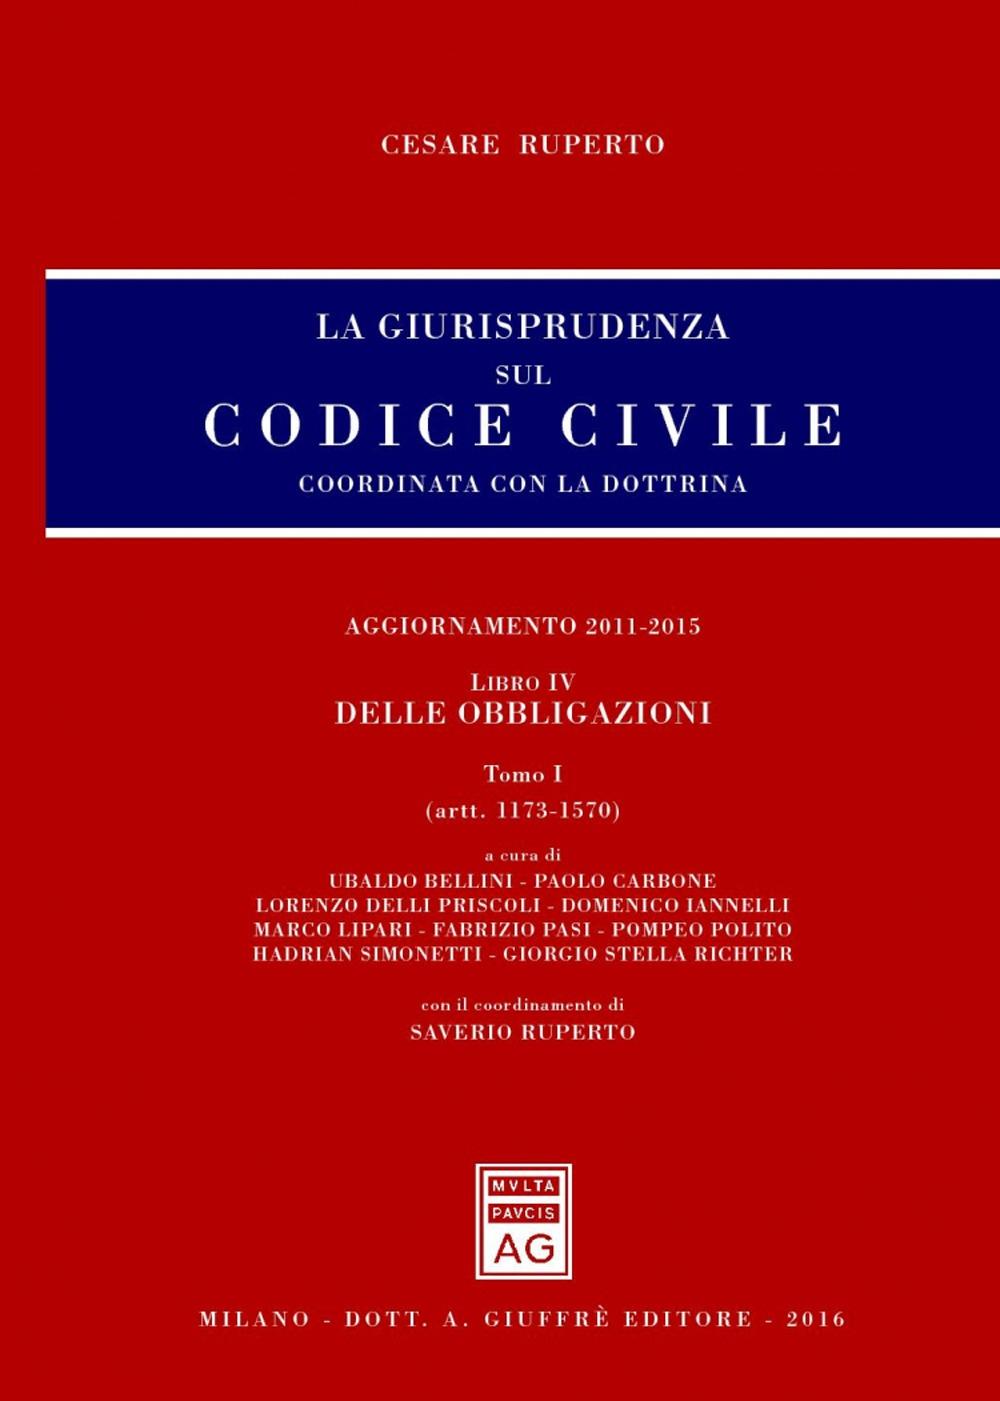 La giurisprudenza sul codice civile. Coordinata con la dottrina. Vol. 5: Artt. 1173-2058.